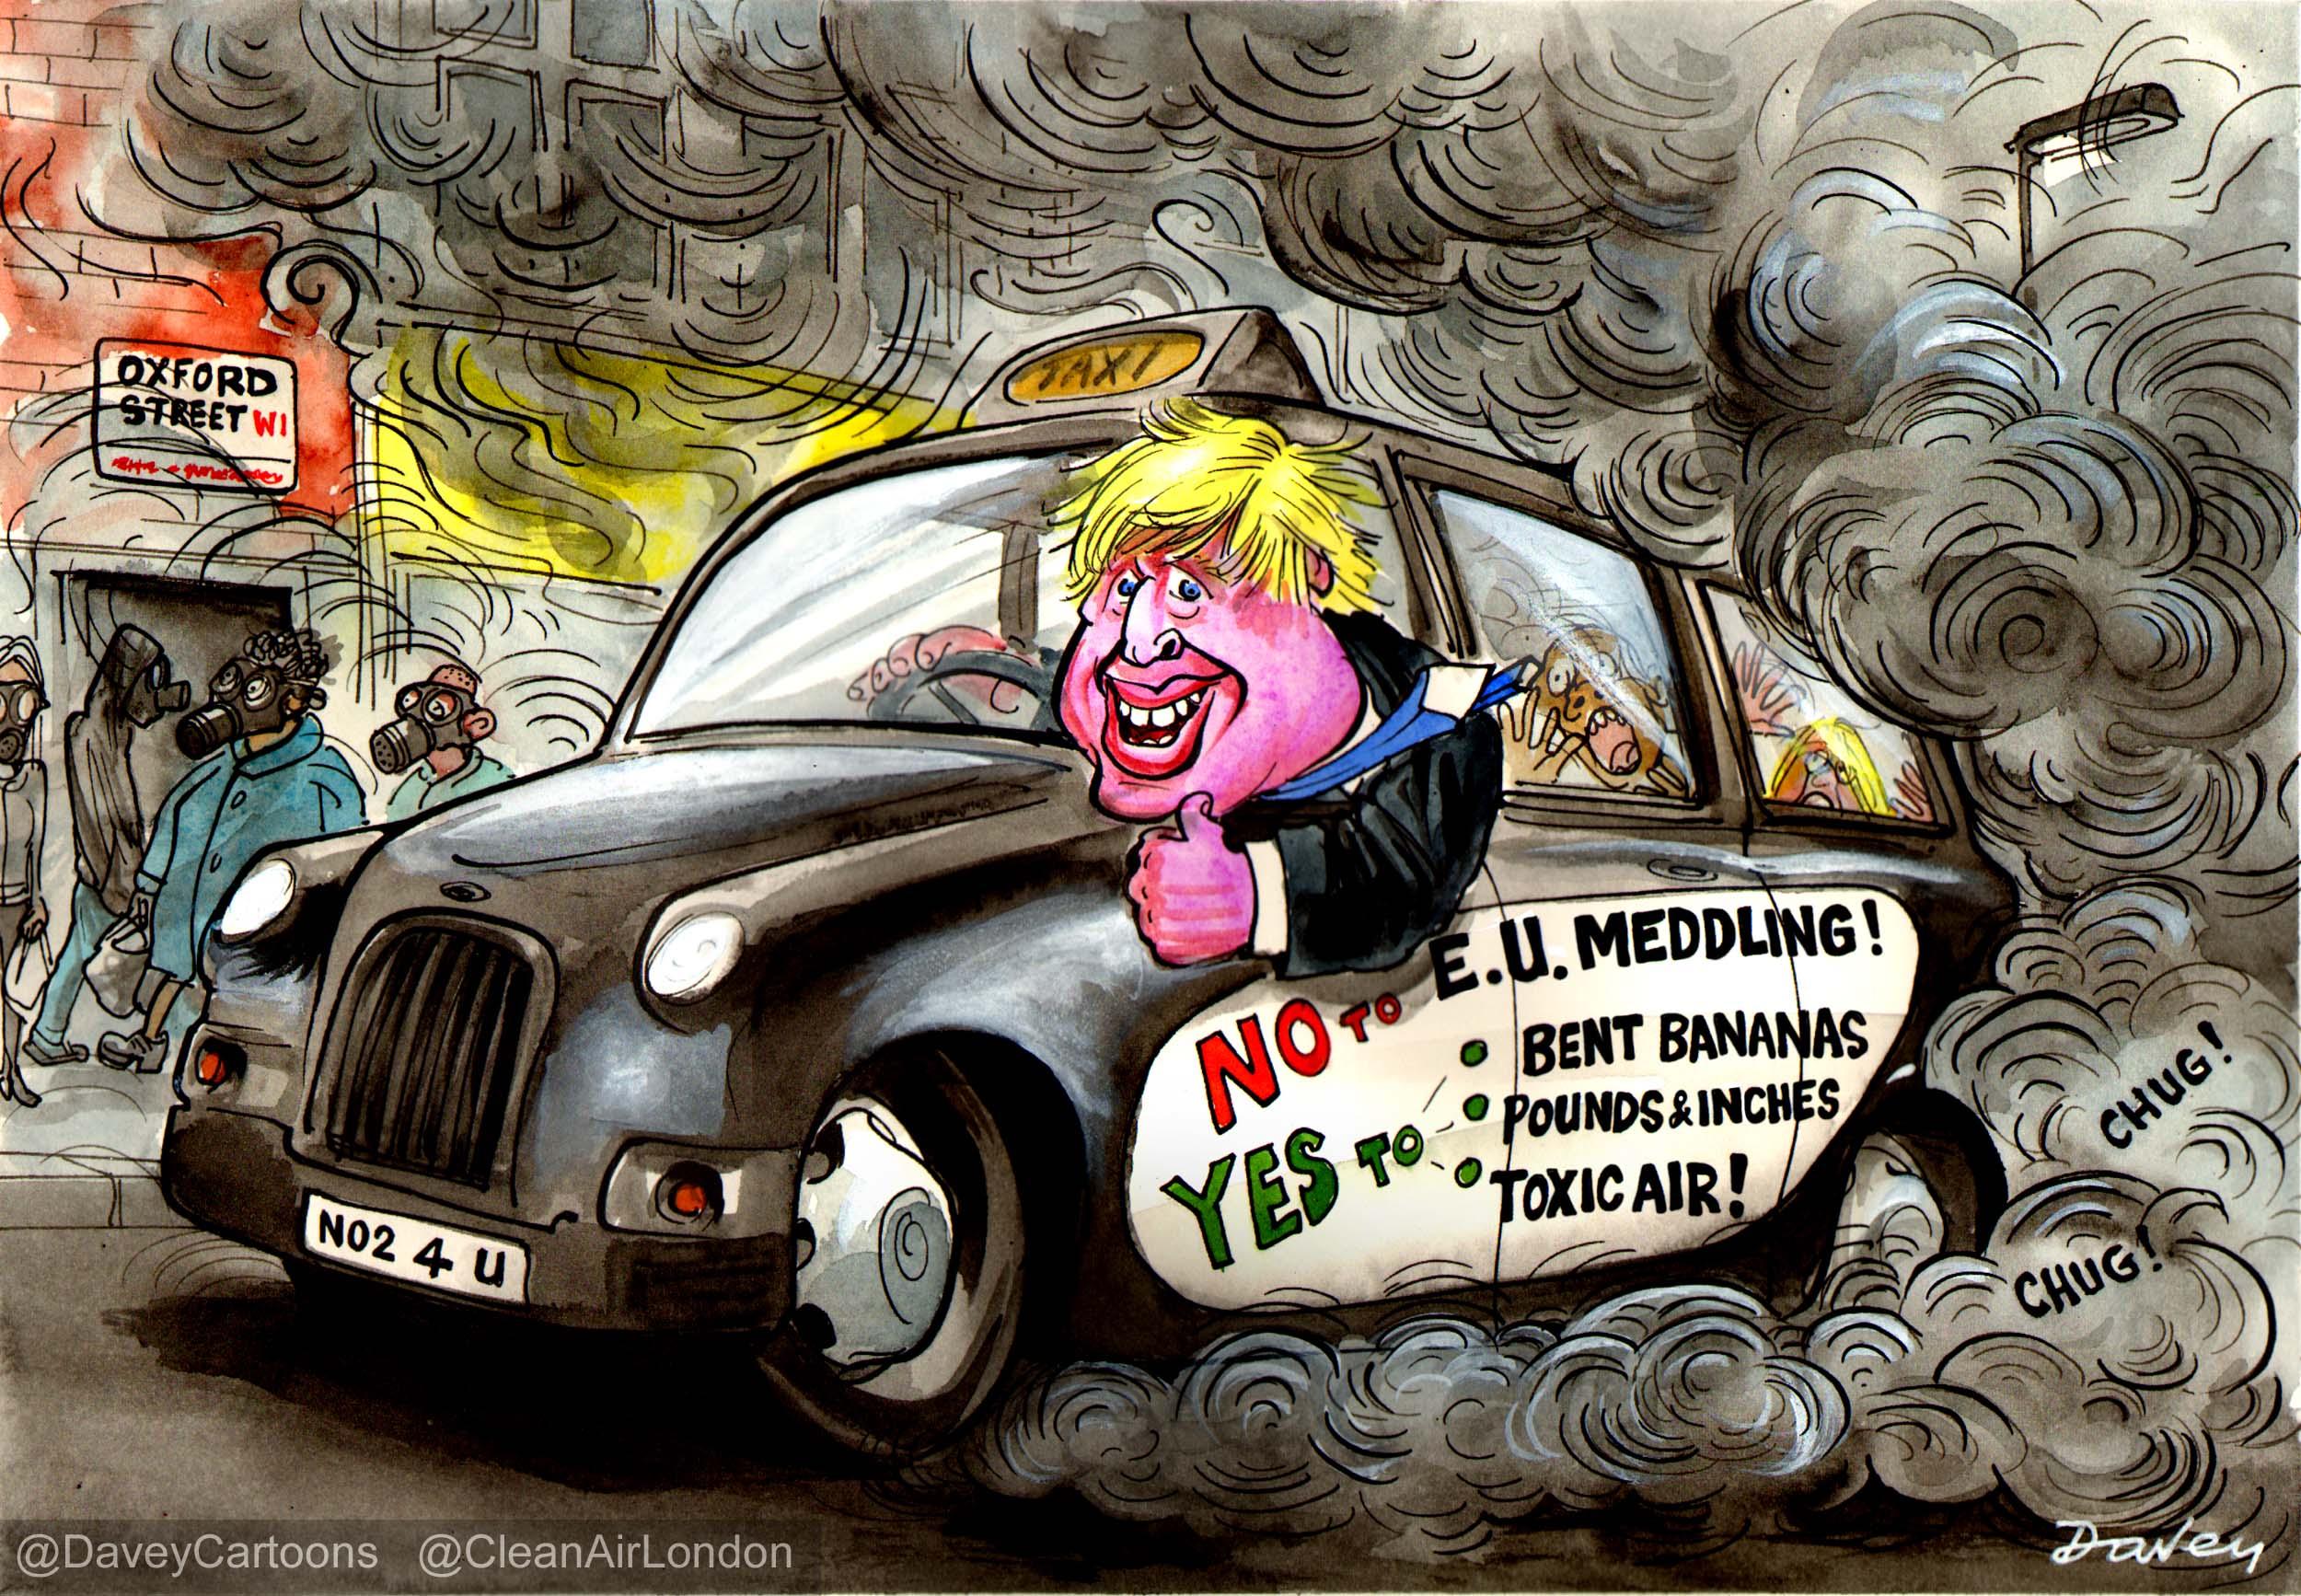 1_No-to-EU-meddling_200214